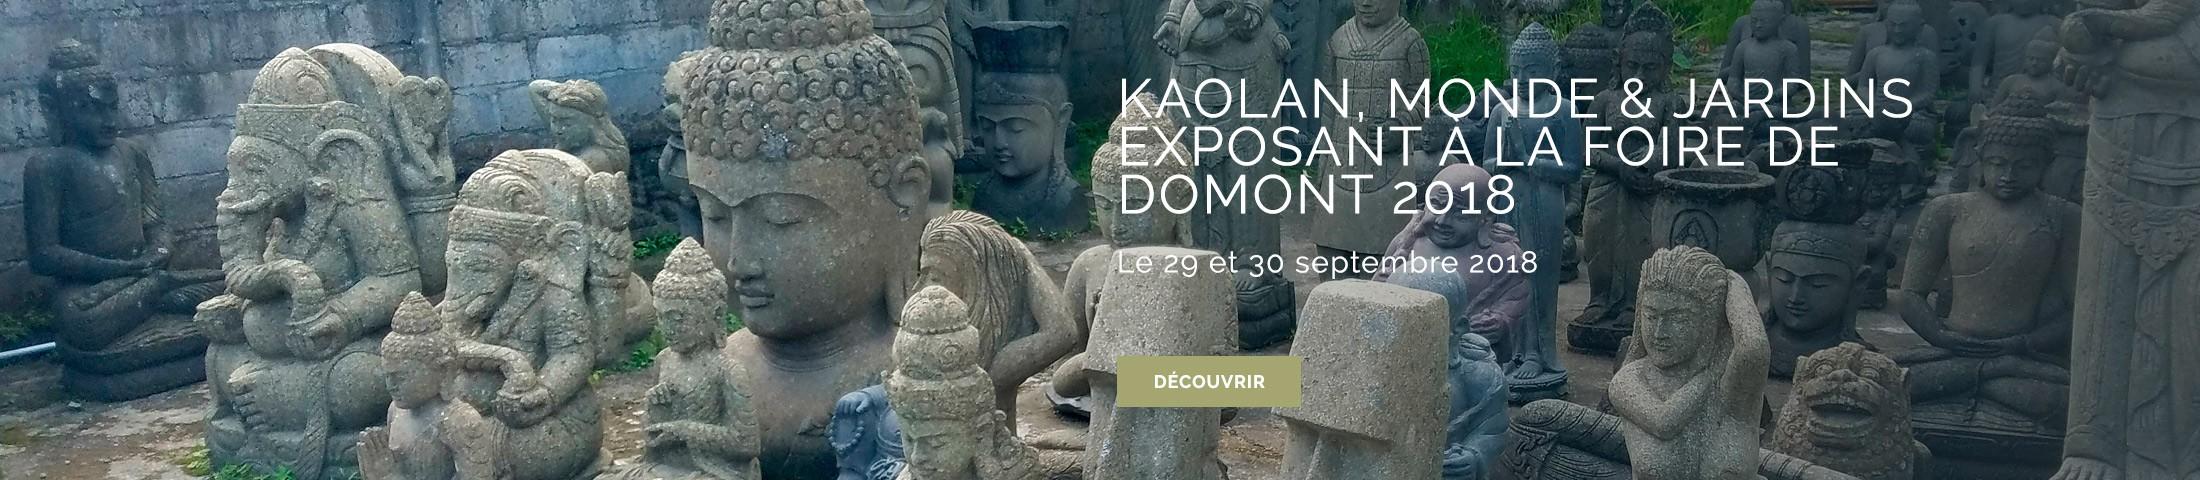 Kaolan, Monde et Jardins - vous propose une large gamme de produits de décoration et de qualité, tout droit venue d'Asie du Sud Est, pour égayer vos extérieurs, vos terrasses et vos jardins.